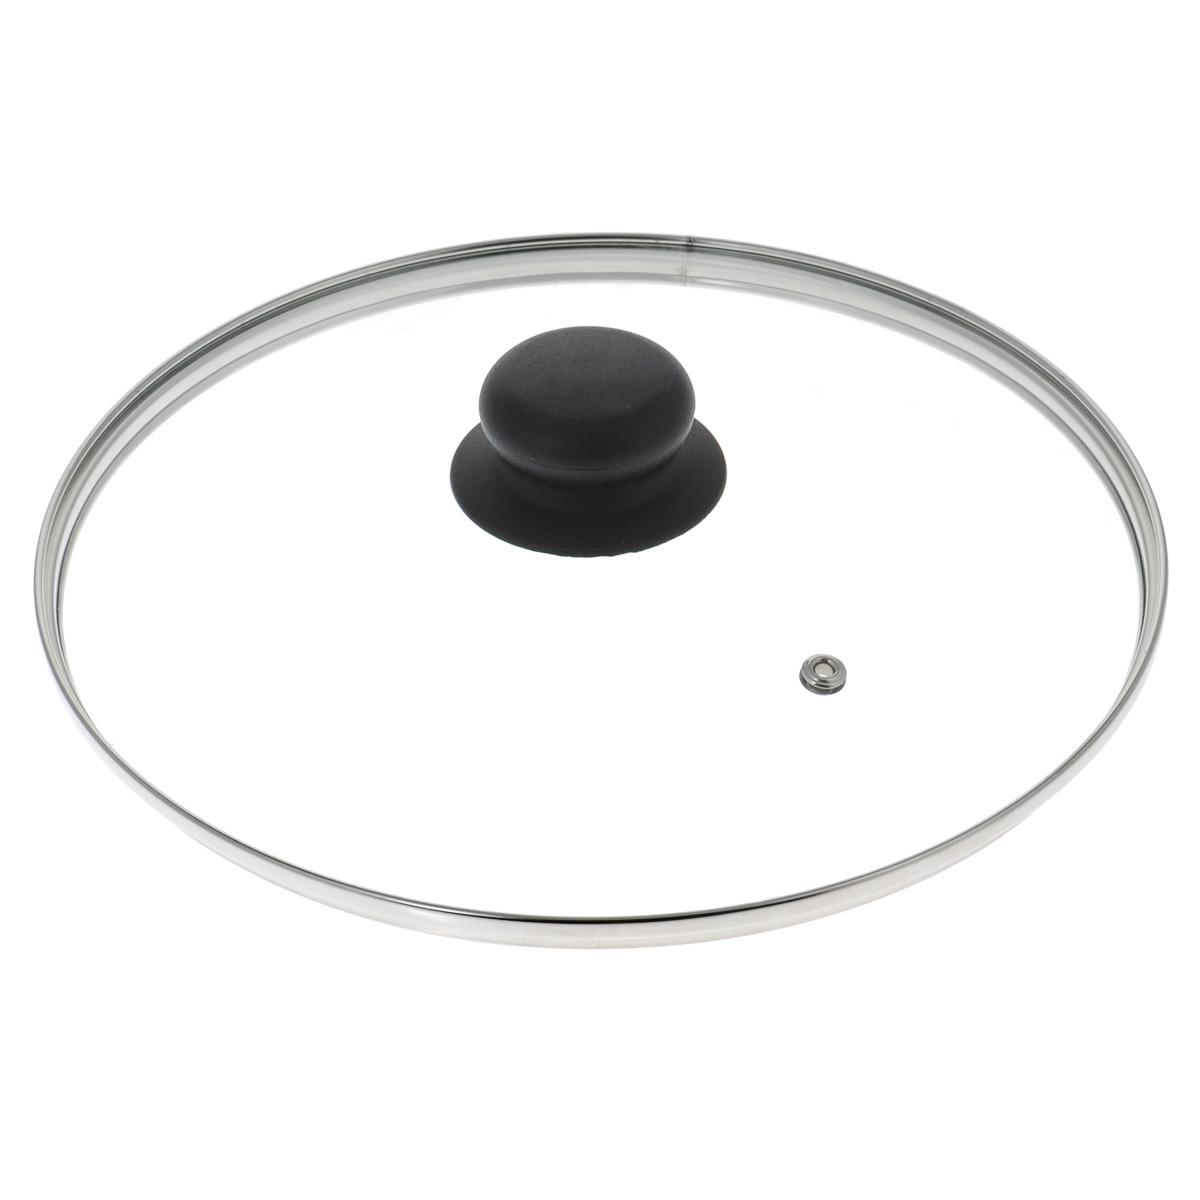 Крышка стеклянная LaraCook. Диаметр 24 смDS240Крышка LaraCook изготовлена из термостойкого стекла. Обод, выполненный из высококачественной нержавеющей стали, защищает крышку от повреждений, а ручка, выполненная из термостойкого пластика, защищает ваши руки от высоких температур. Крышка удобна в использовании, позволяет контролировать процесс приготовления пищи. Имеется отверстие для выпуска пара.